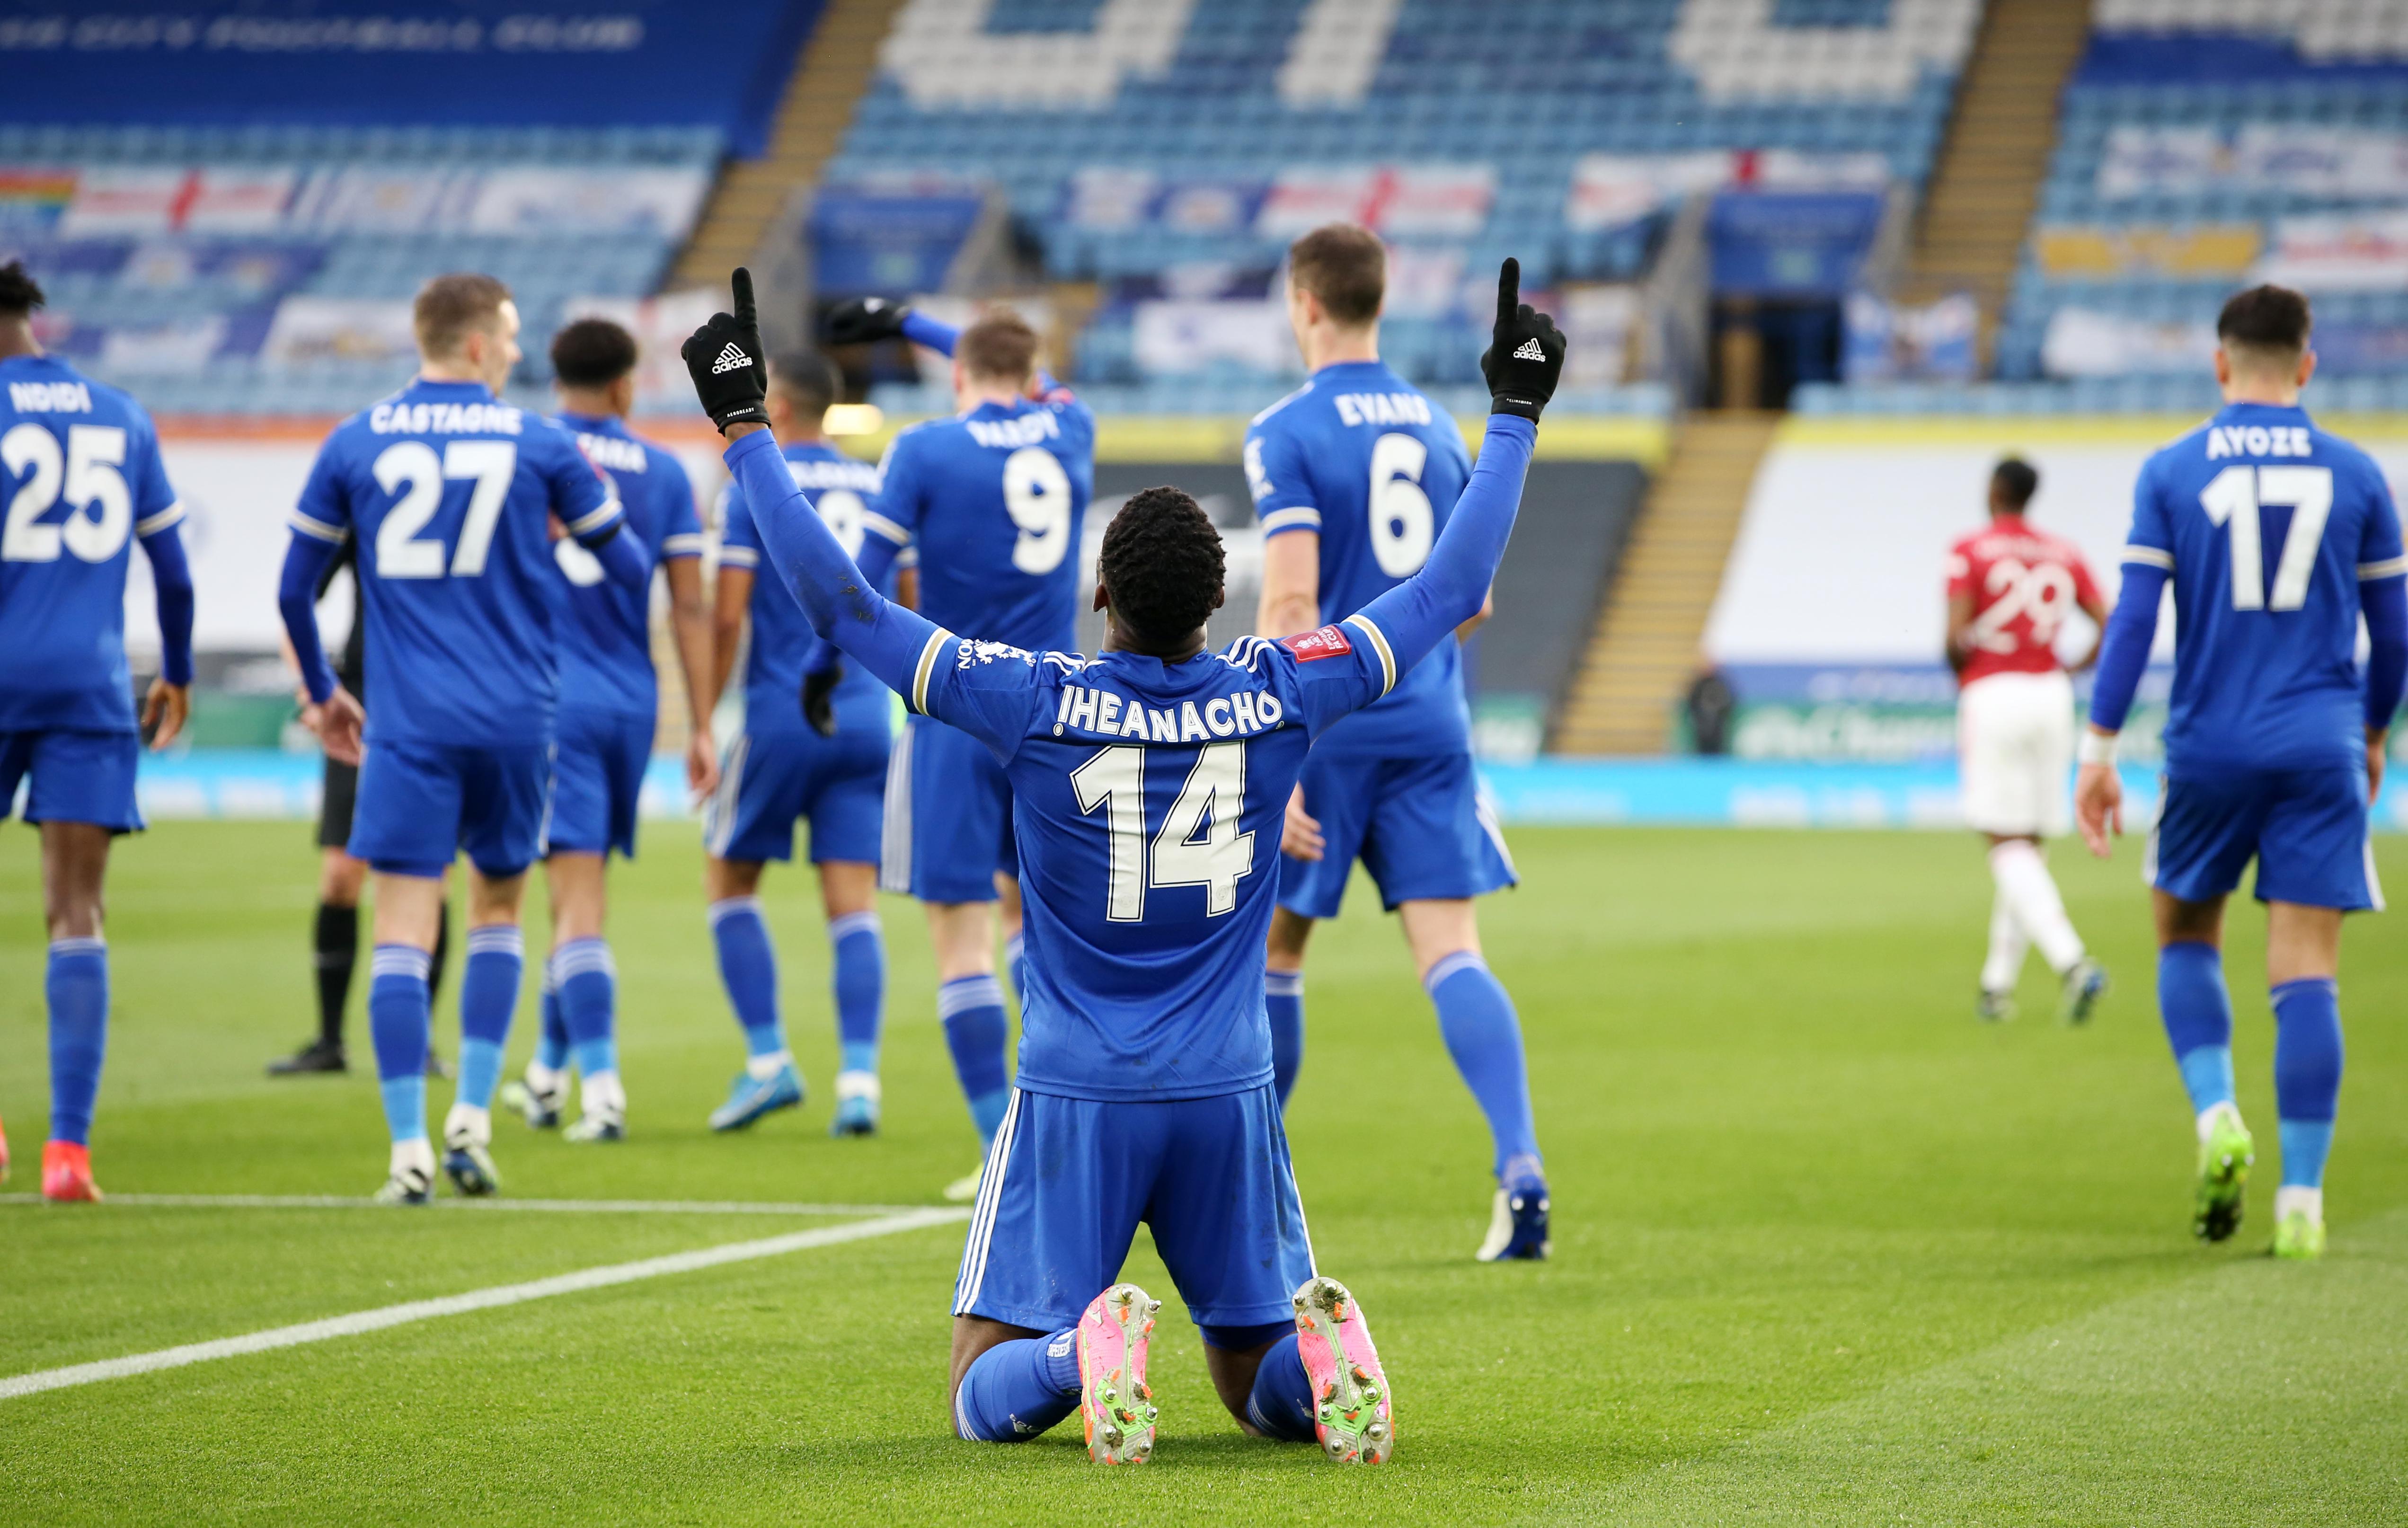 Kelechi Iheanacho - Leicester City - Premier League